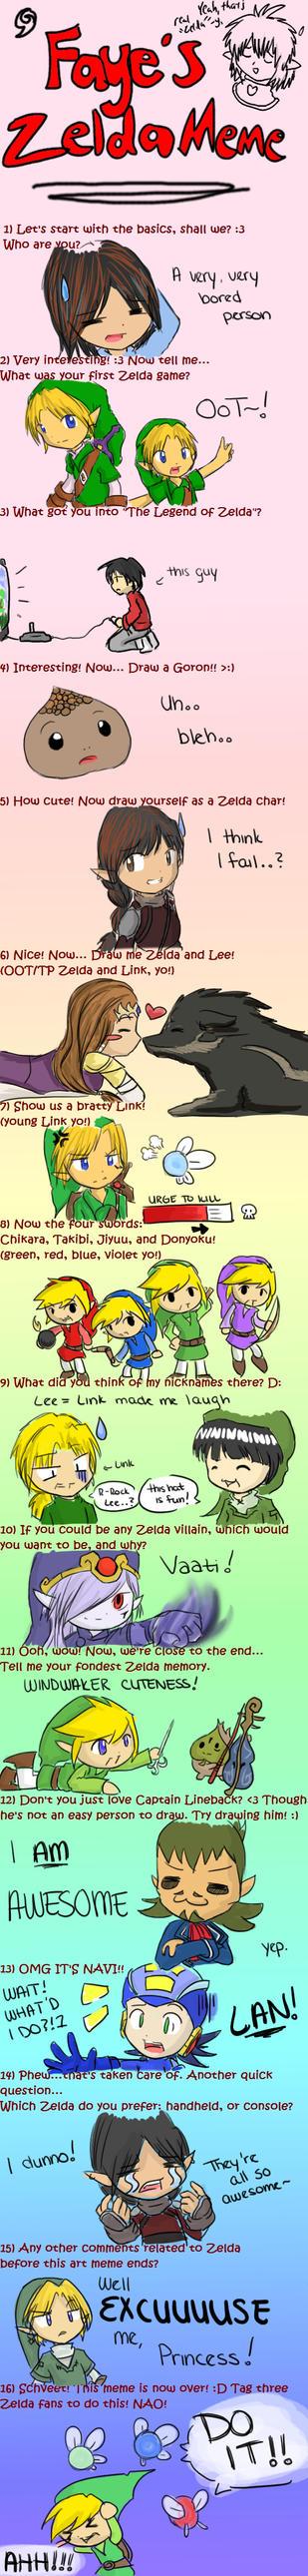 Zelda Meme by DigitalYoshi